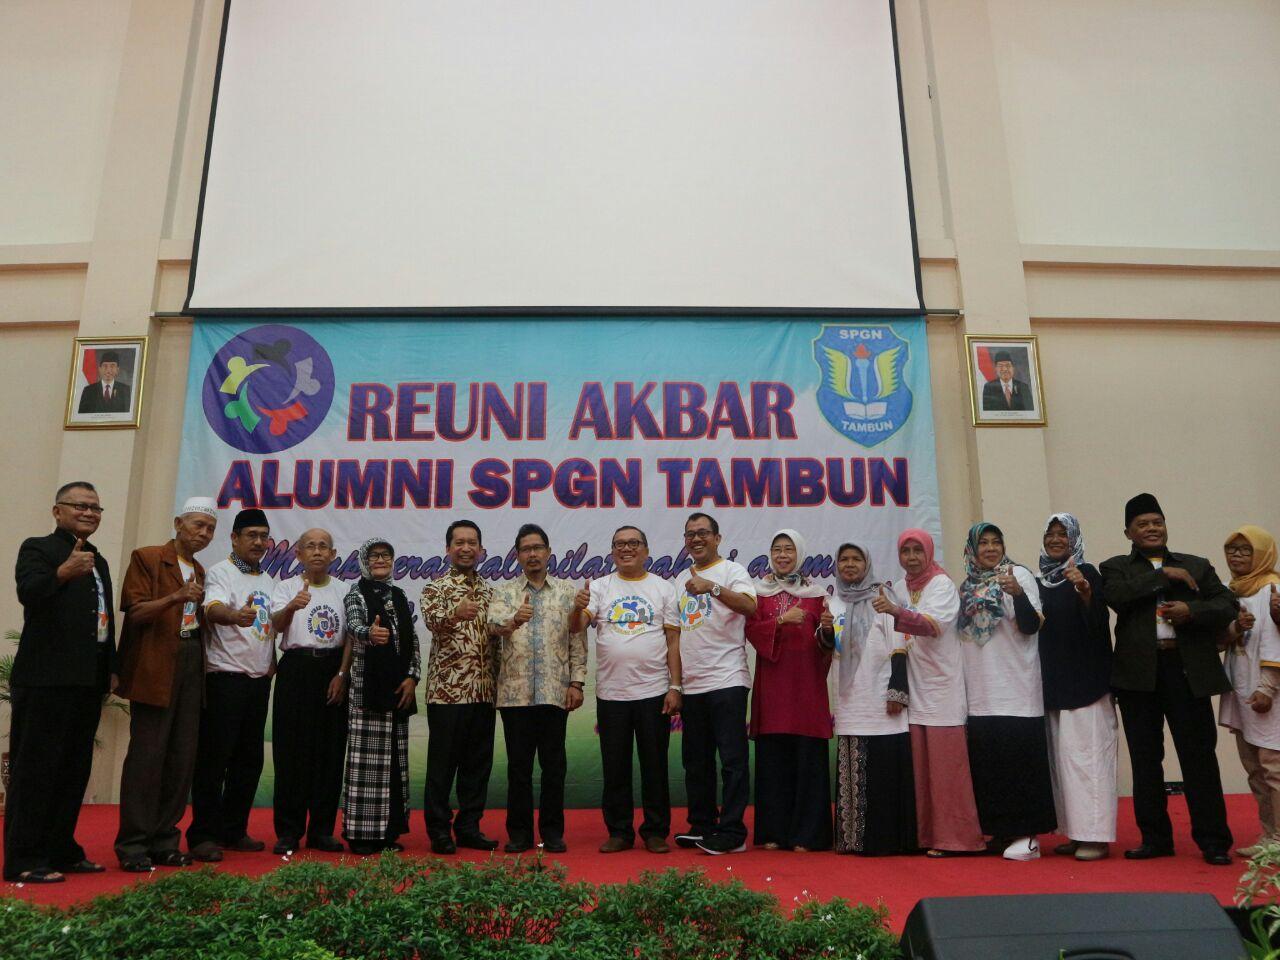 Sambung Silaturahmi Ribuan Alumni SPGN Tambun Hadiri Reuni Akbar